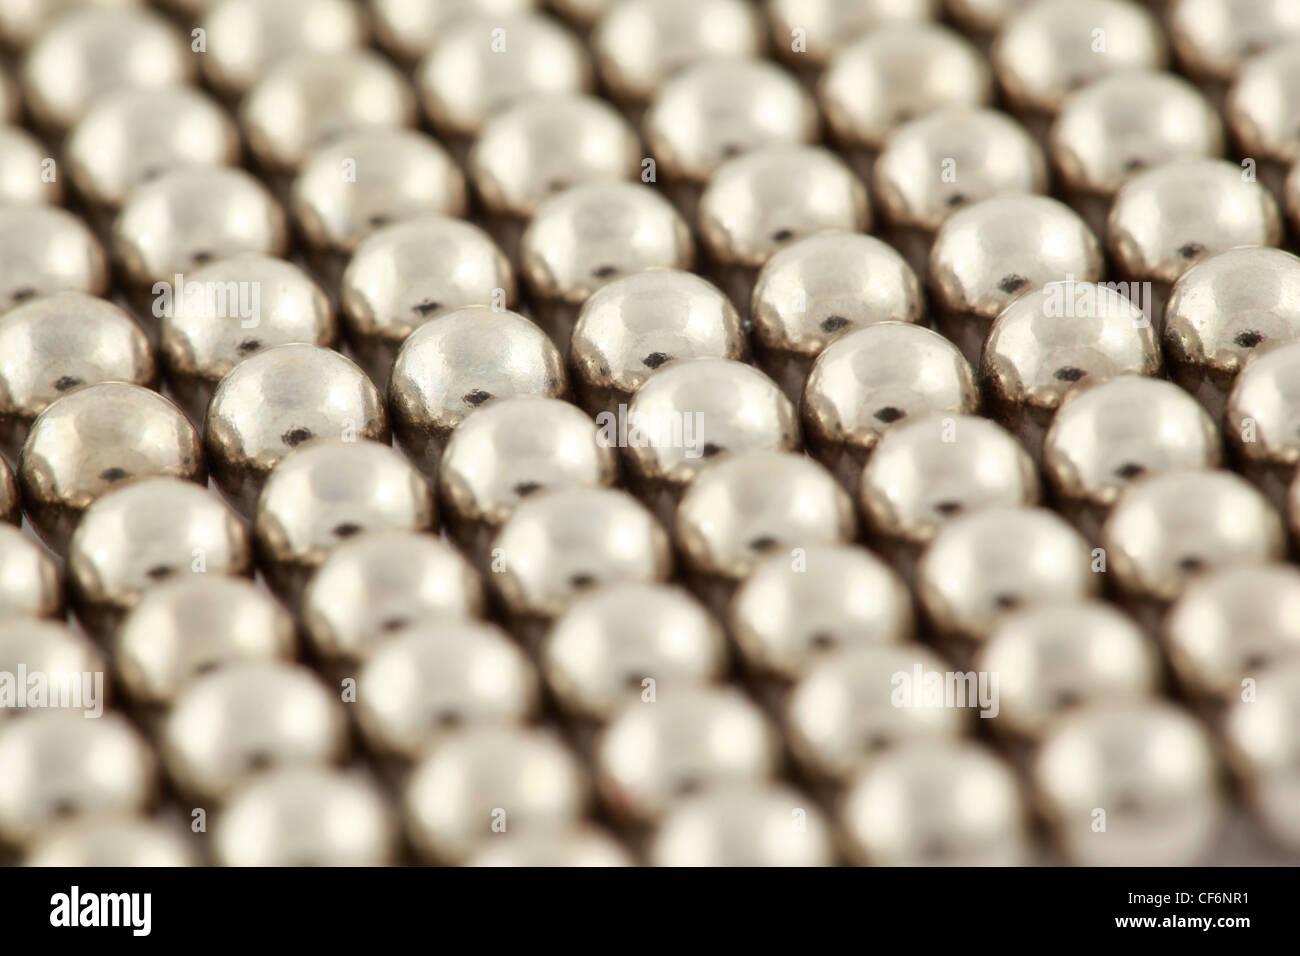 Perline argentate sono intrecciati insieme Immagini Stock